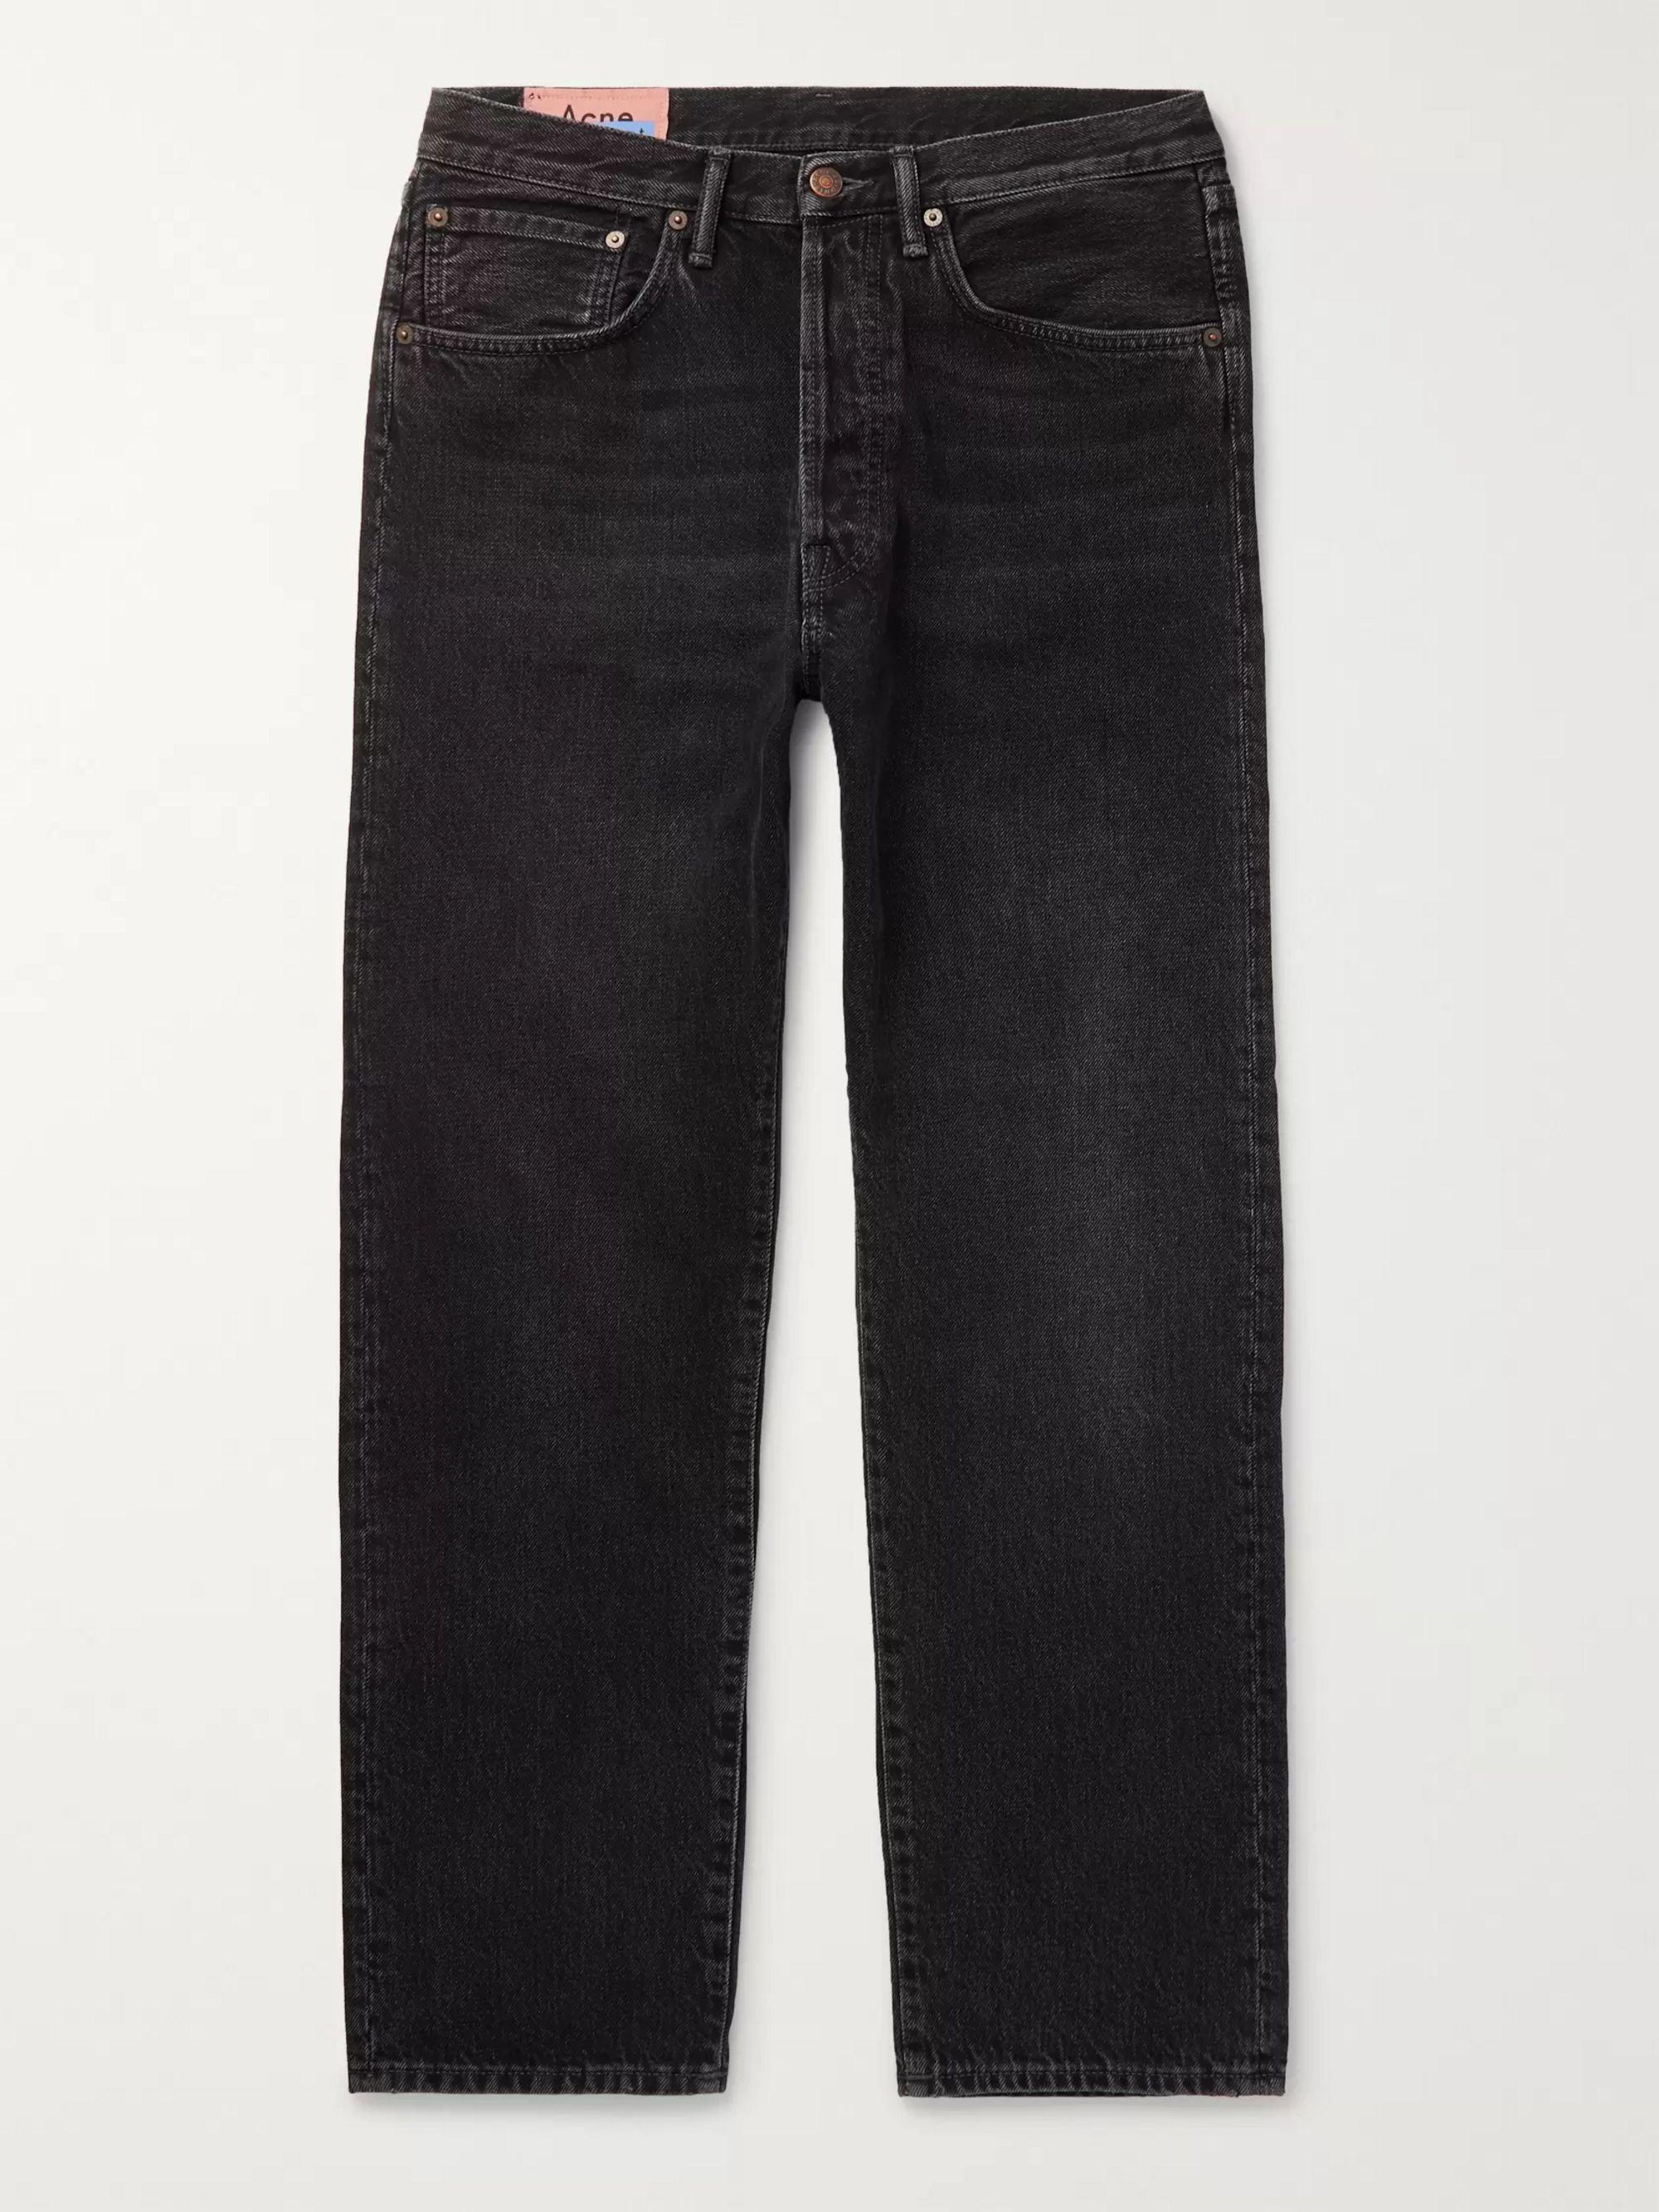 아크네 스튜디오 Acne Studios Black Denim Jeans,Black